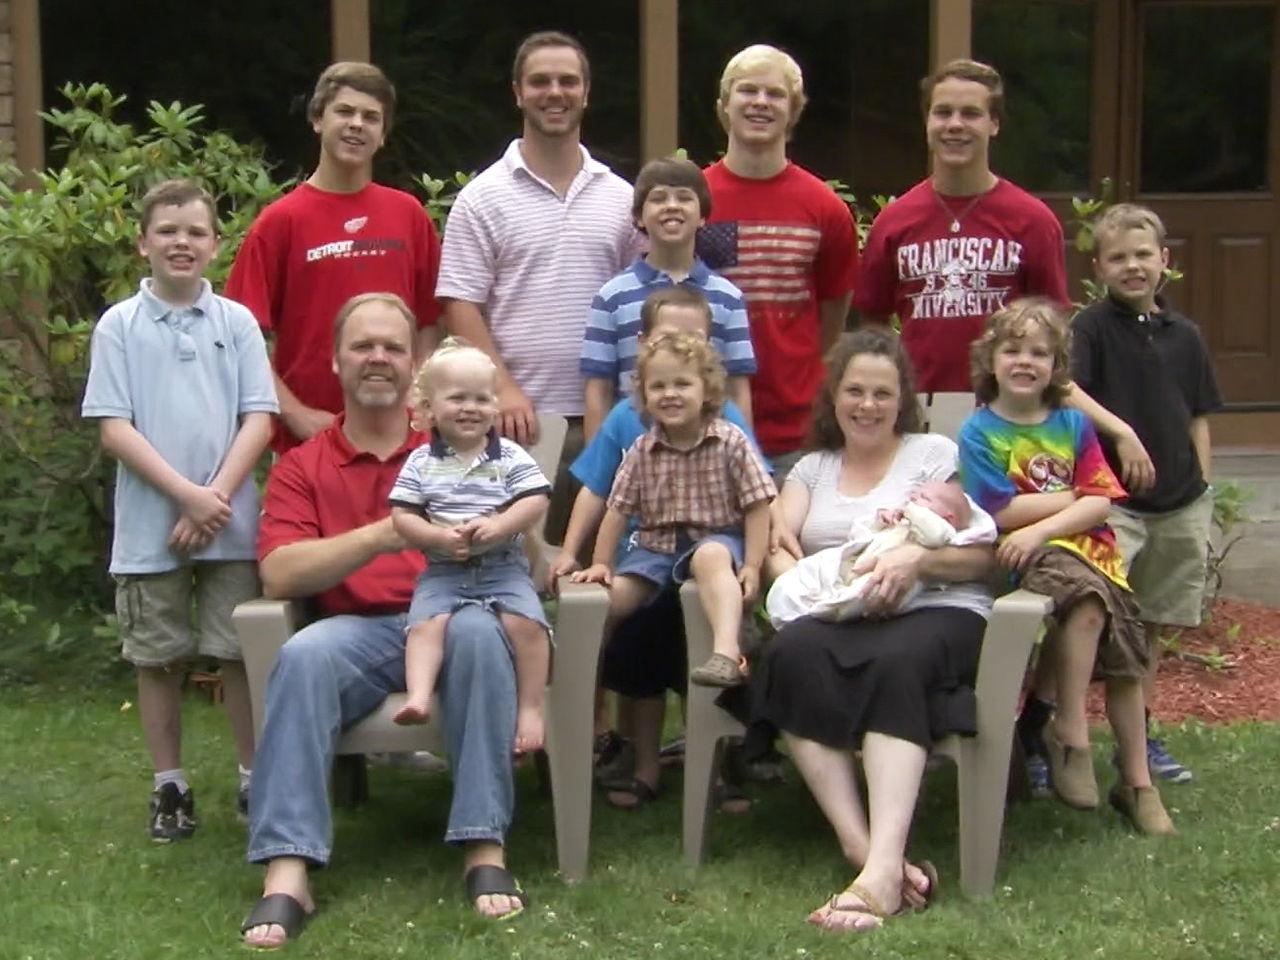 Семья с 13 мальчиками ждет еще одного ребенка, но его пол — узнавать отказалась